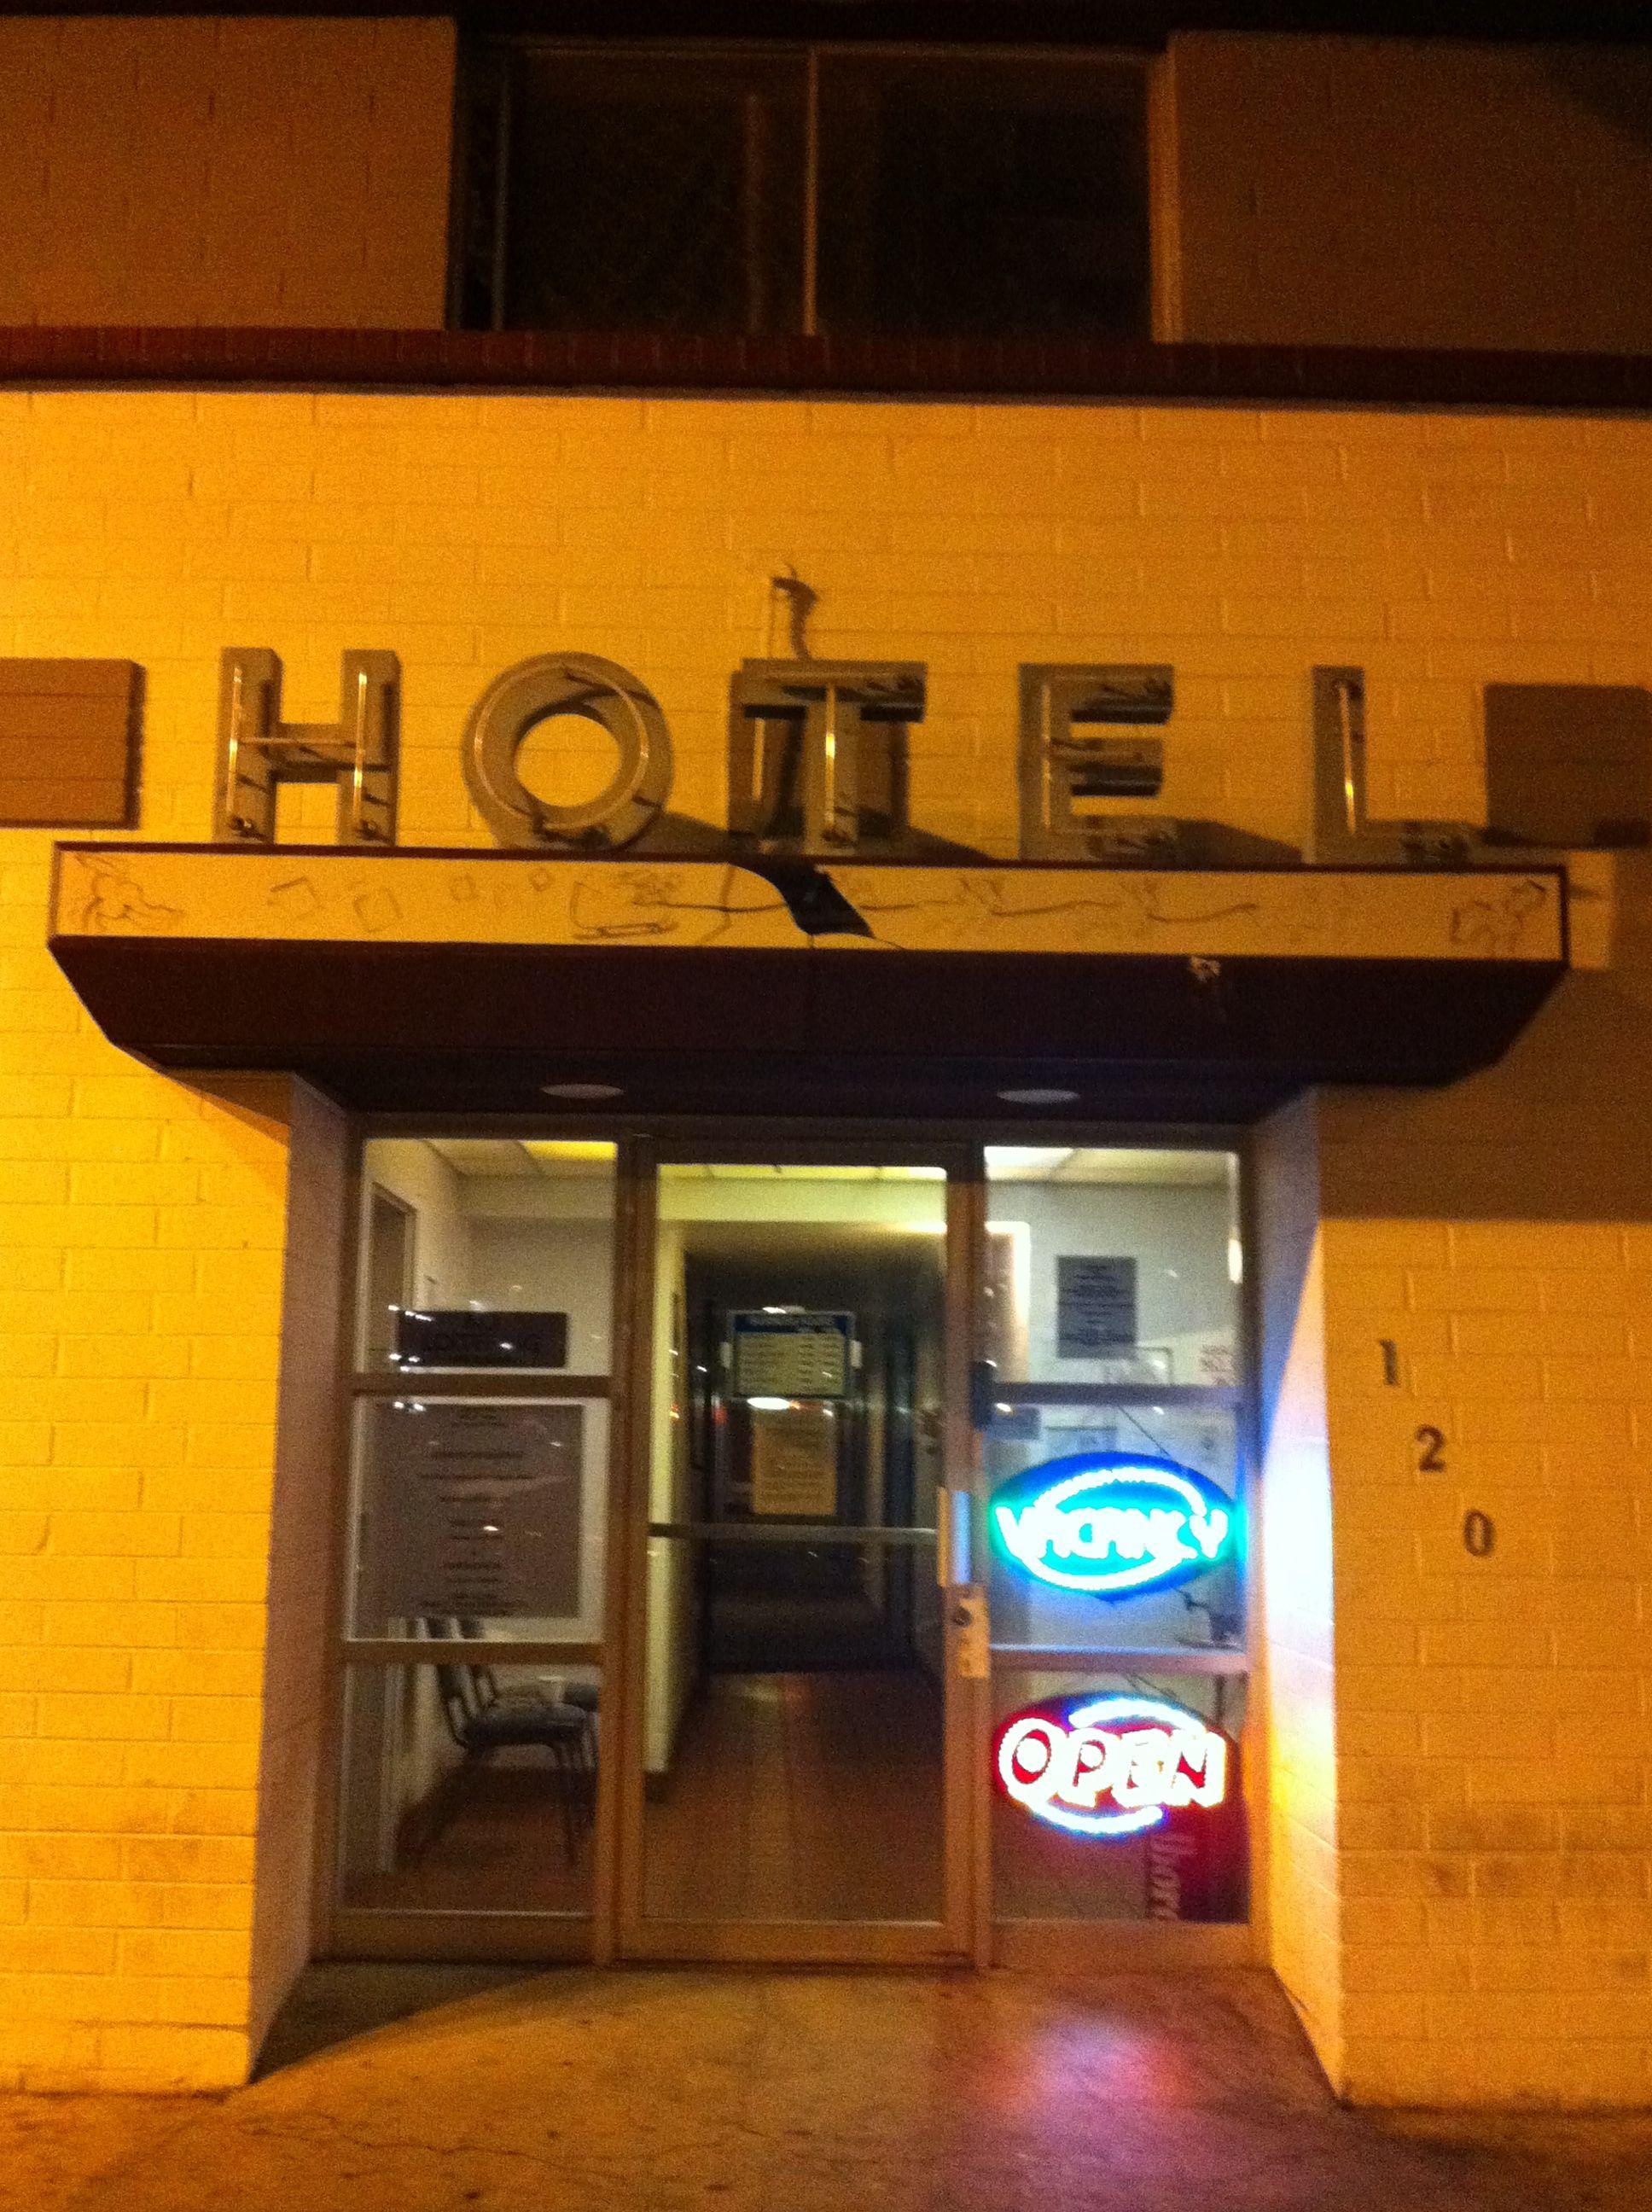 Seedy hotel, Downtown Las Vegas | Downtown las vegas, Las ...